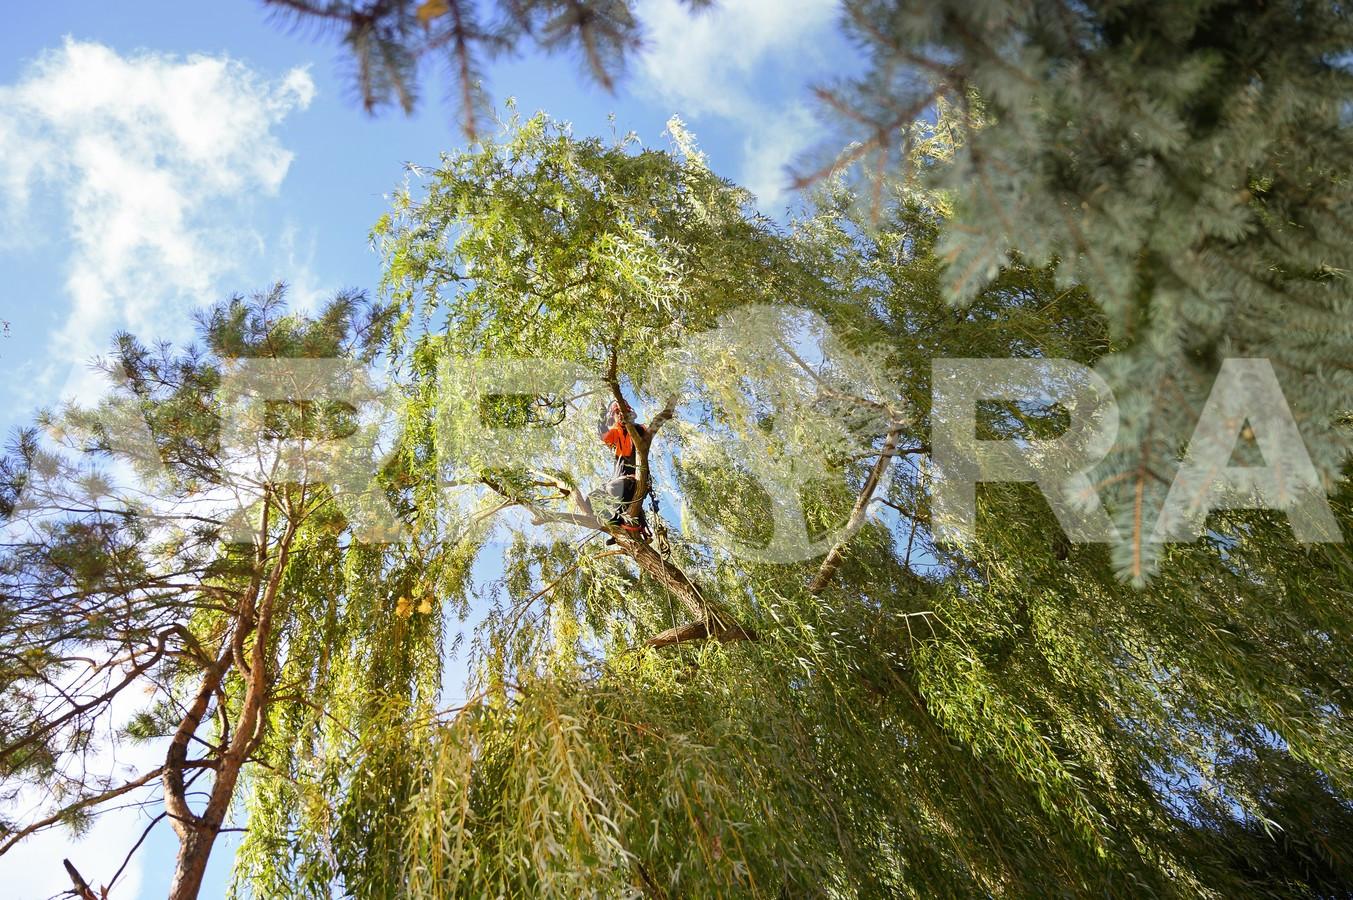 ?Medžių būklės įvertinimas.  ?Arboristų-aukštalipių (medžių priežiūros specialistų) paslaugos. ?Medžių ir krūmų genėjimas, formavimas.  ?Vaismedžių ir vaiskrūmių genėjimas, purškimas.